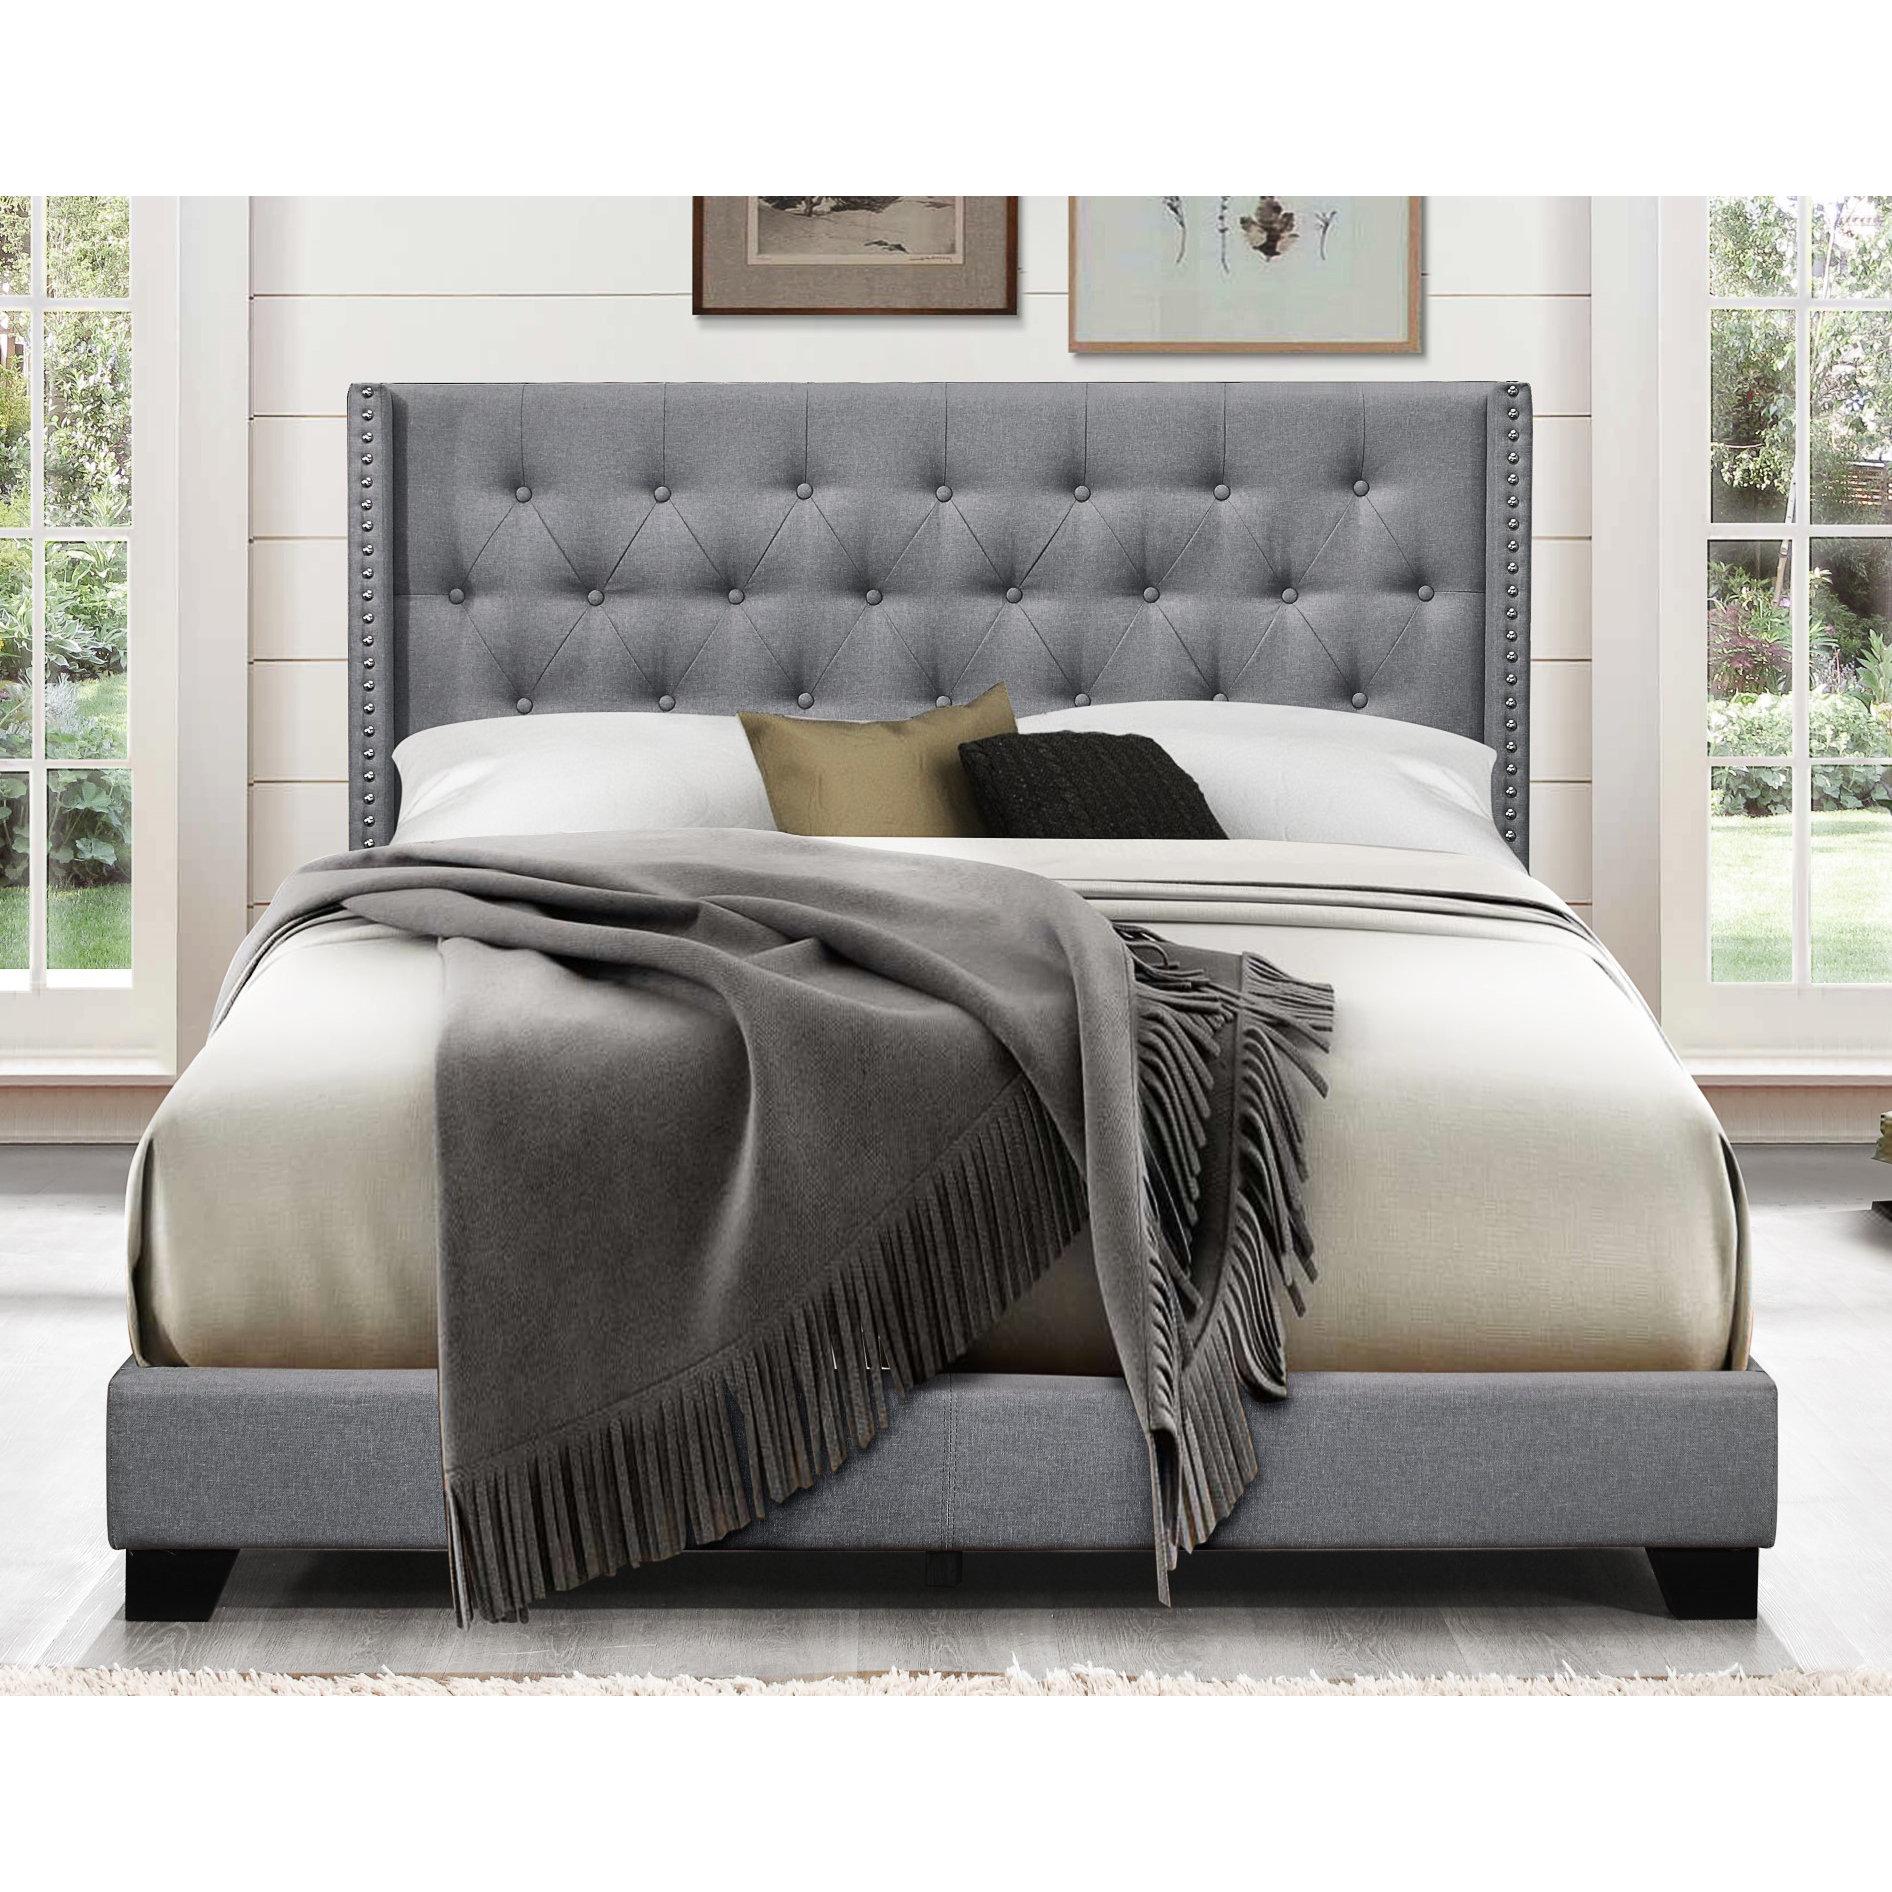 Aadvik Tufted Upholstered Standard Bed